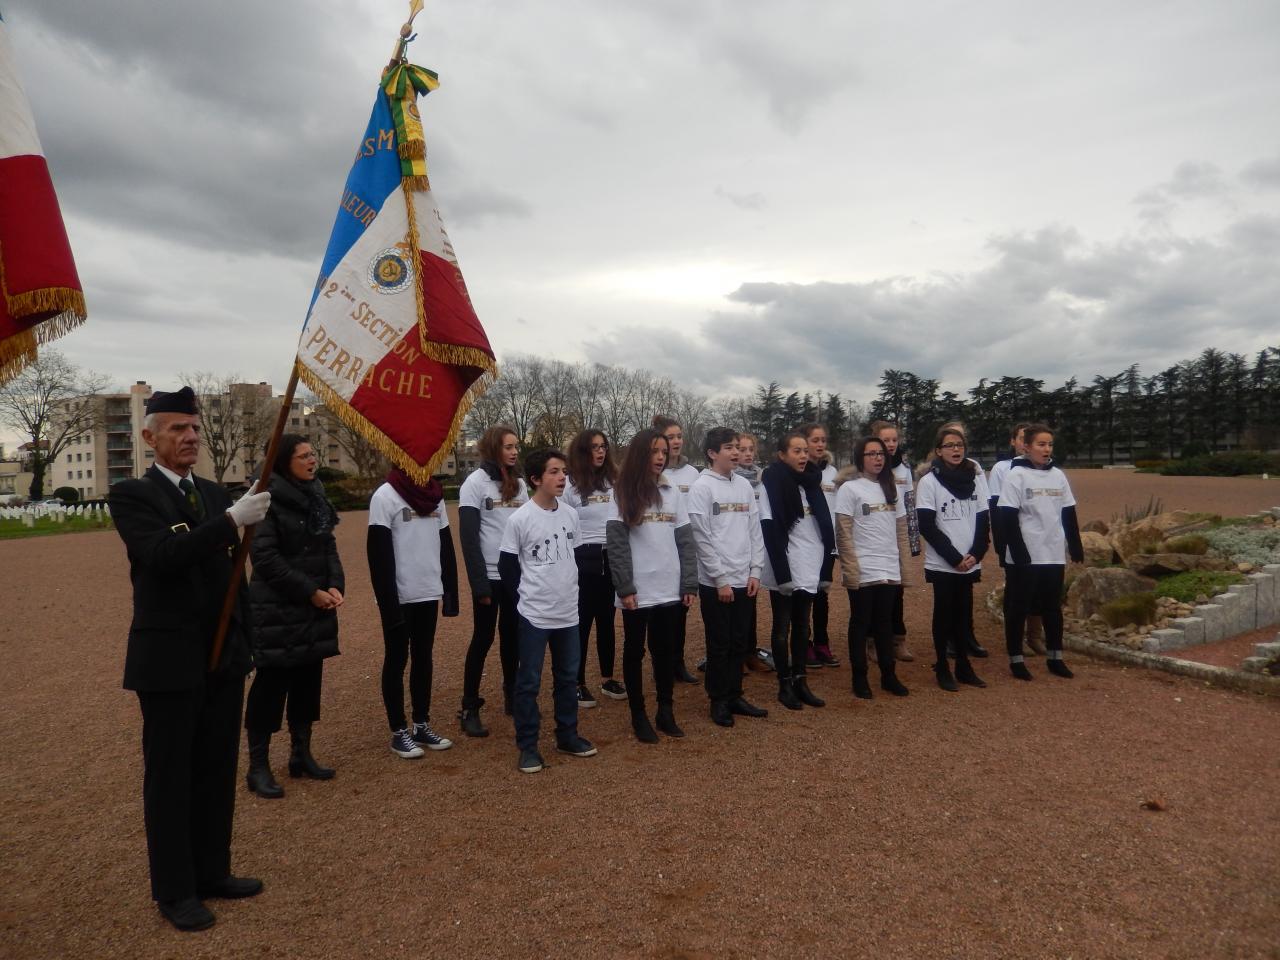 Cérémonie en hommage aux Combattants de la Grande Guerre  Commémoration organisée par les membres de la Légion d'Honneur .